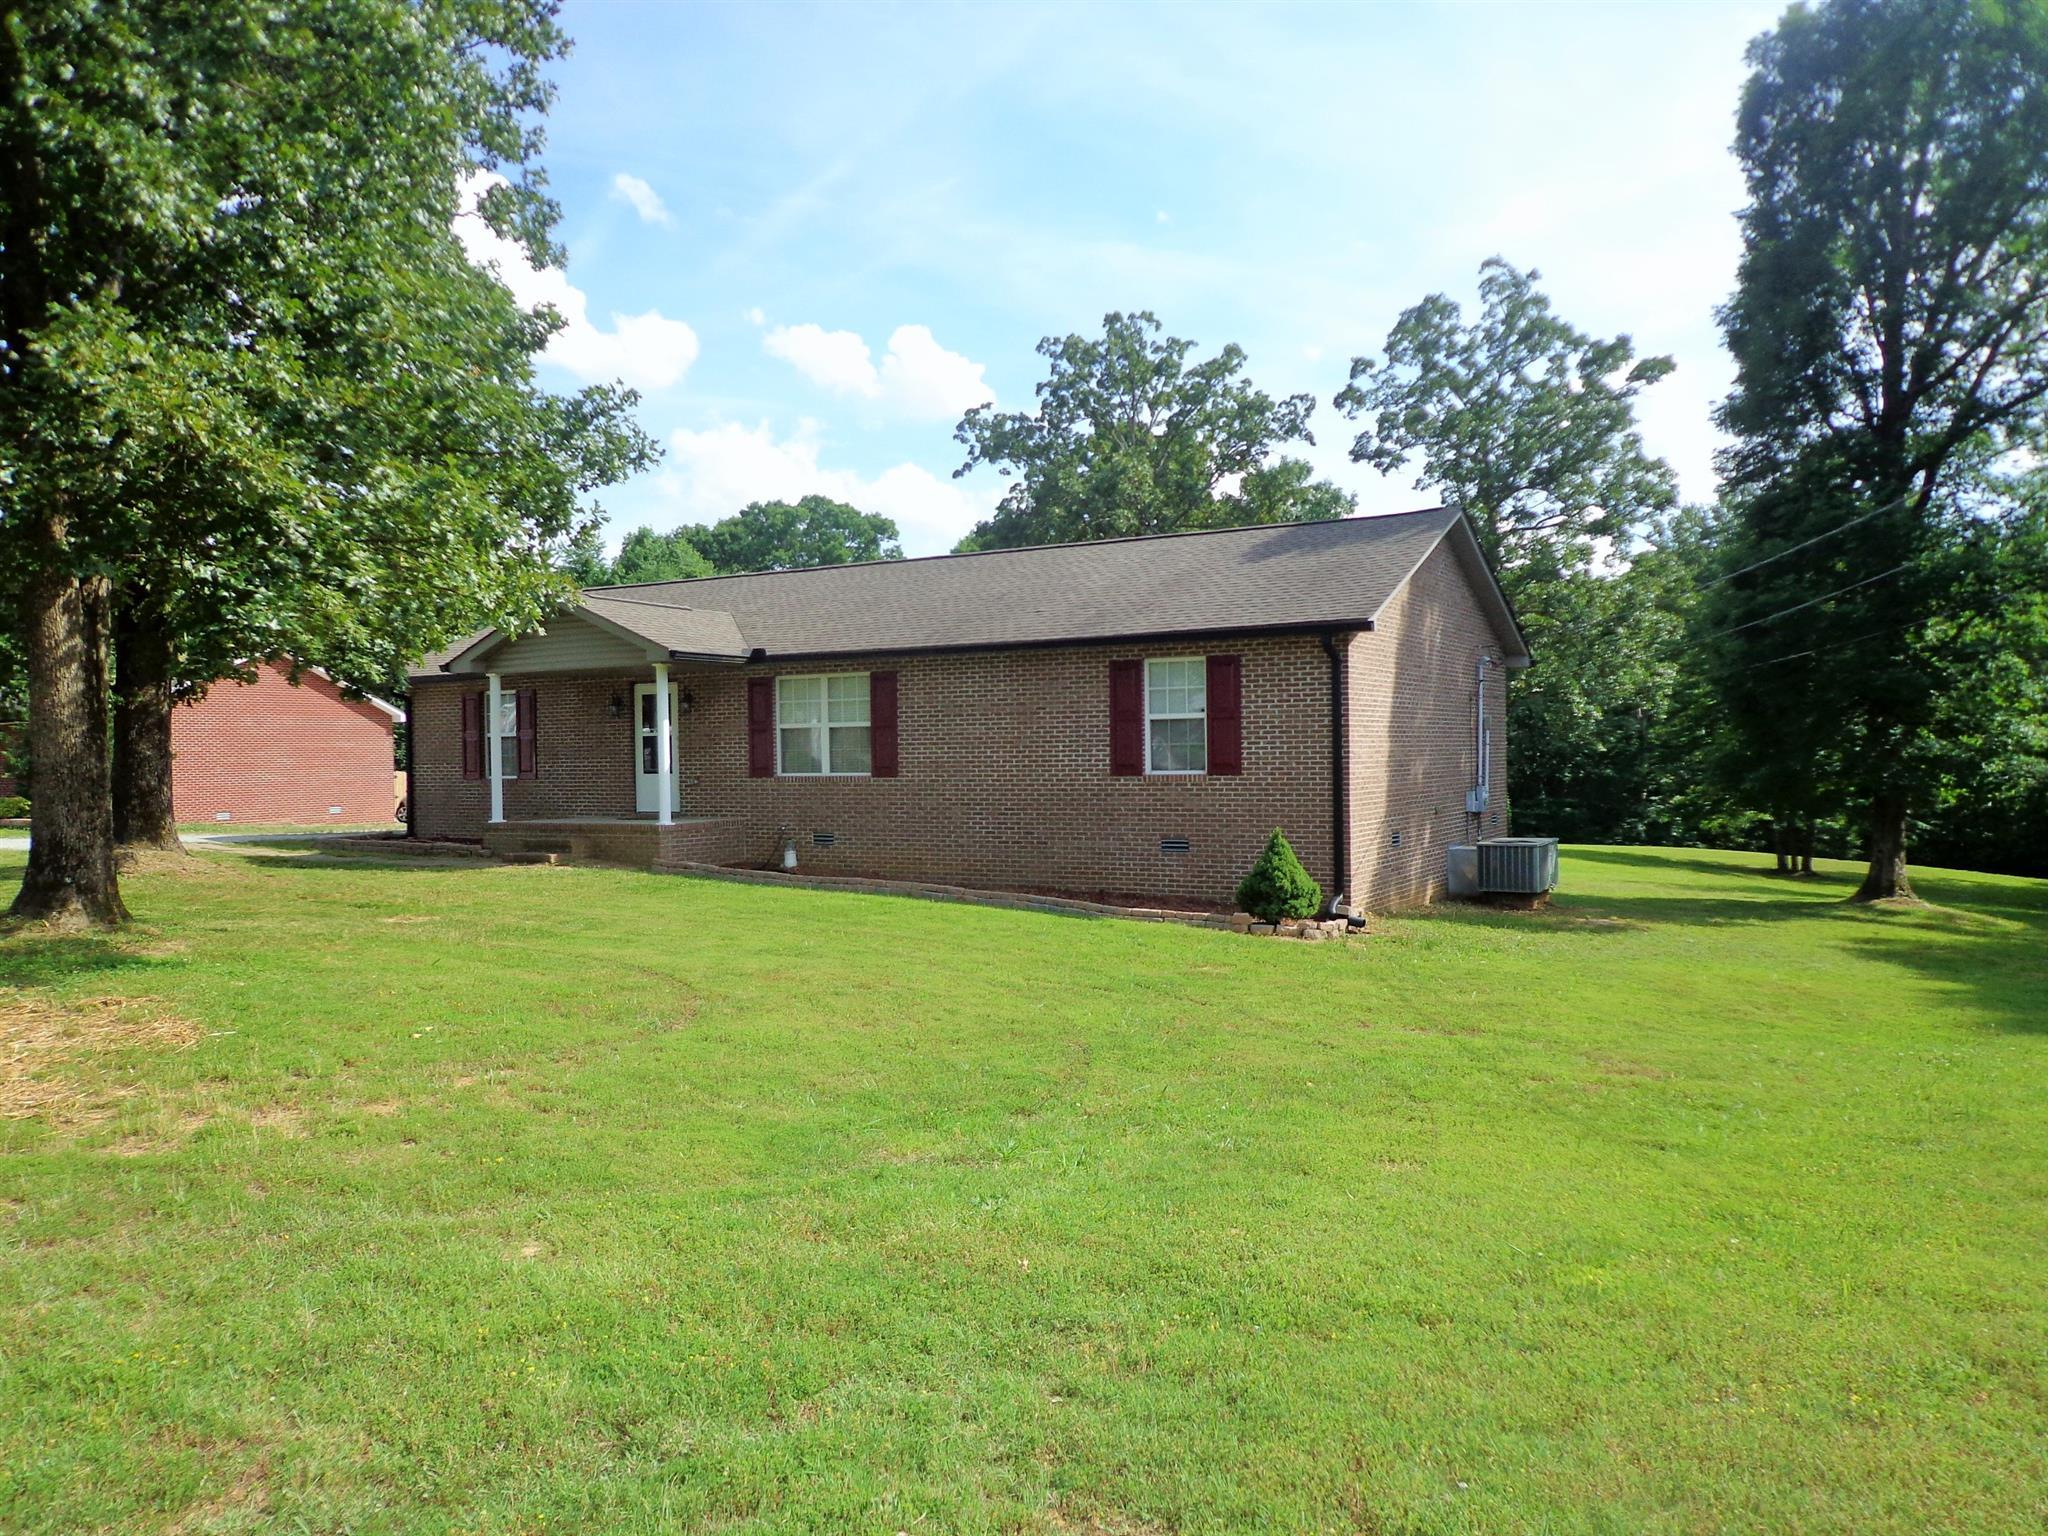 448 River Oaks Dr, New Johnsonville, TN 37134 - New Johnsonville, TN real estate listing